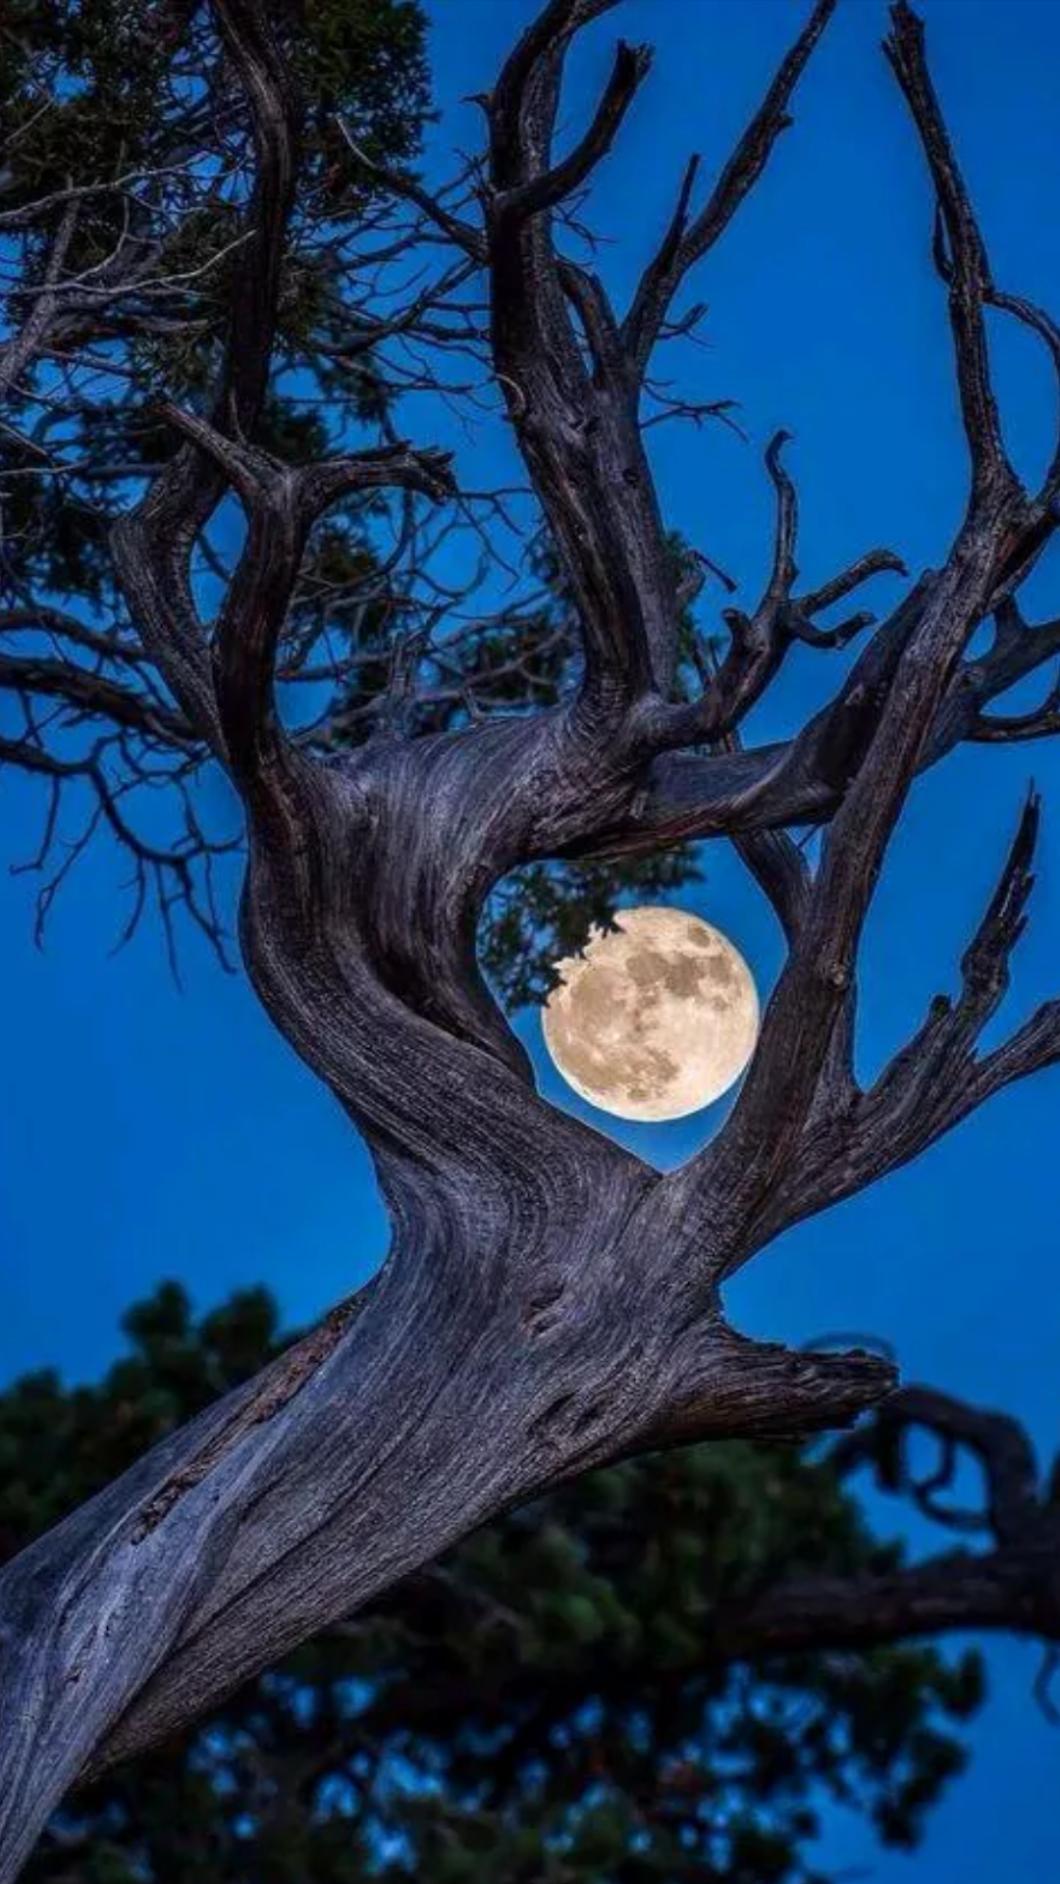 La belleza de la luna 15f4b64695fad211816a246d3c4777c6